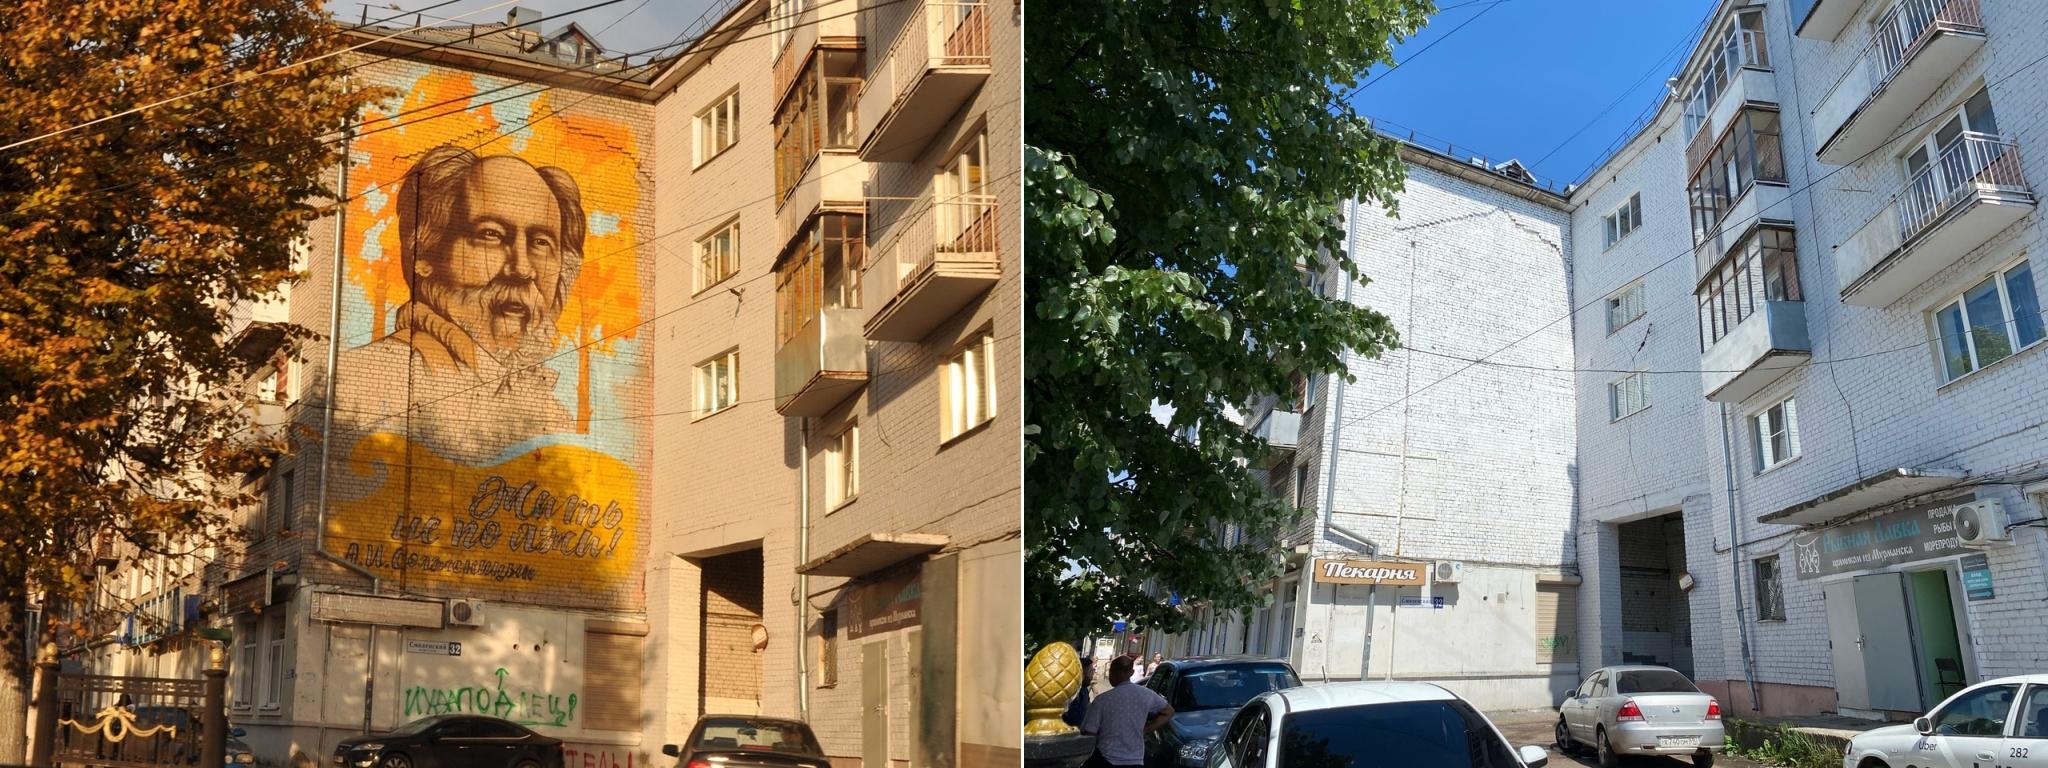 В Твери появится новое граффити с Солженицыным-pic1-pic2